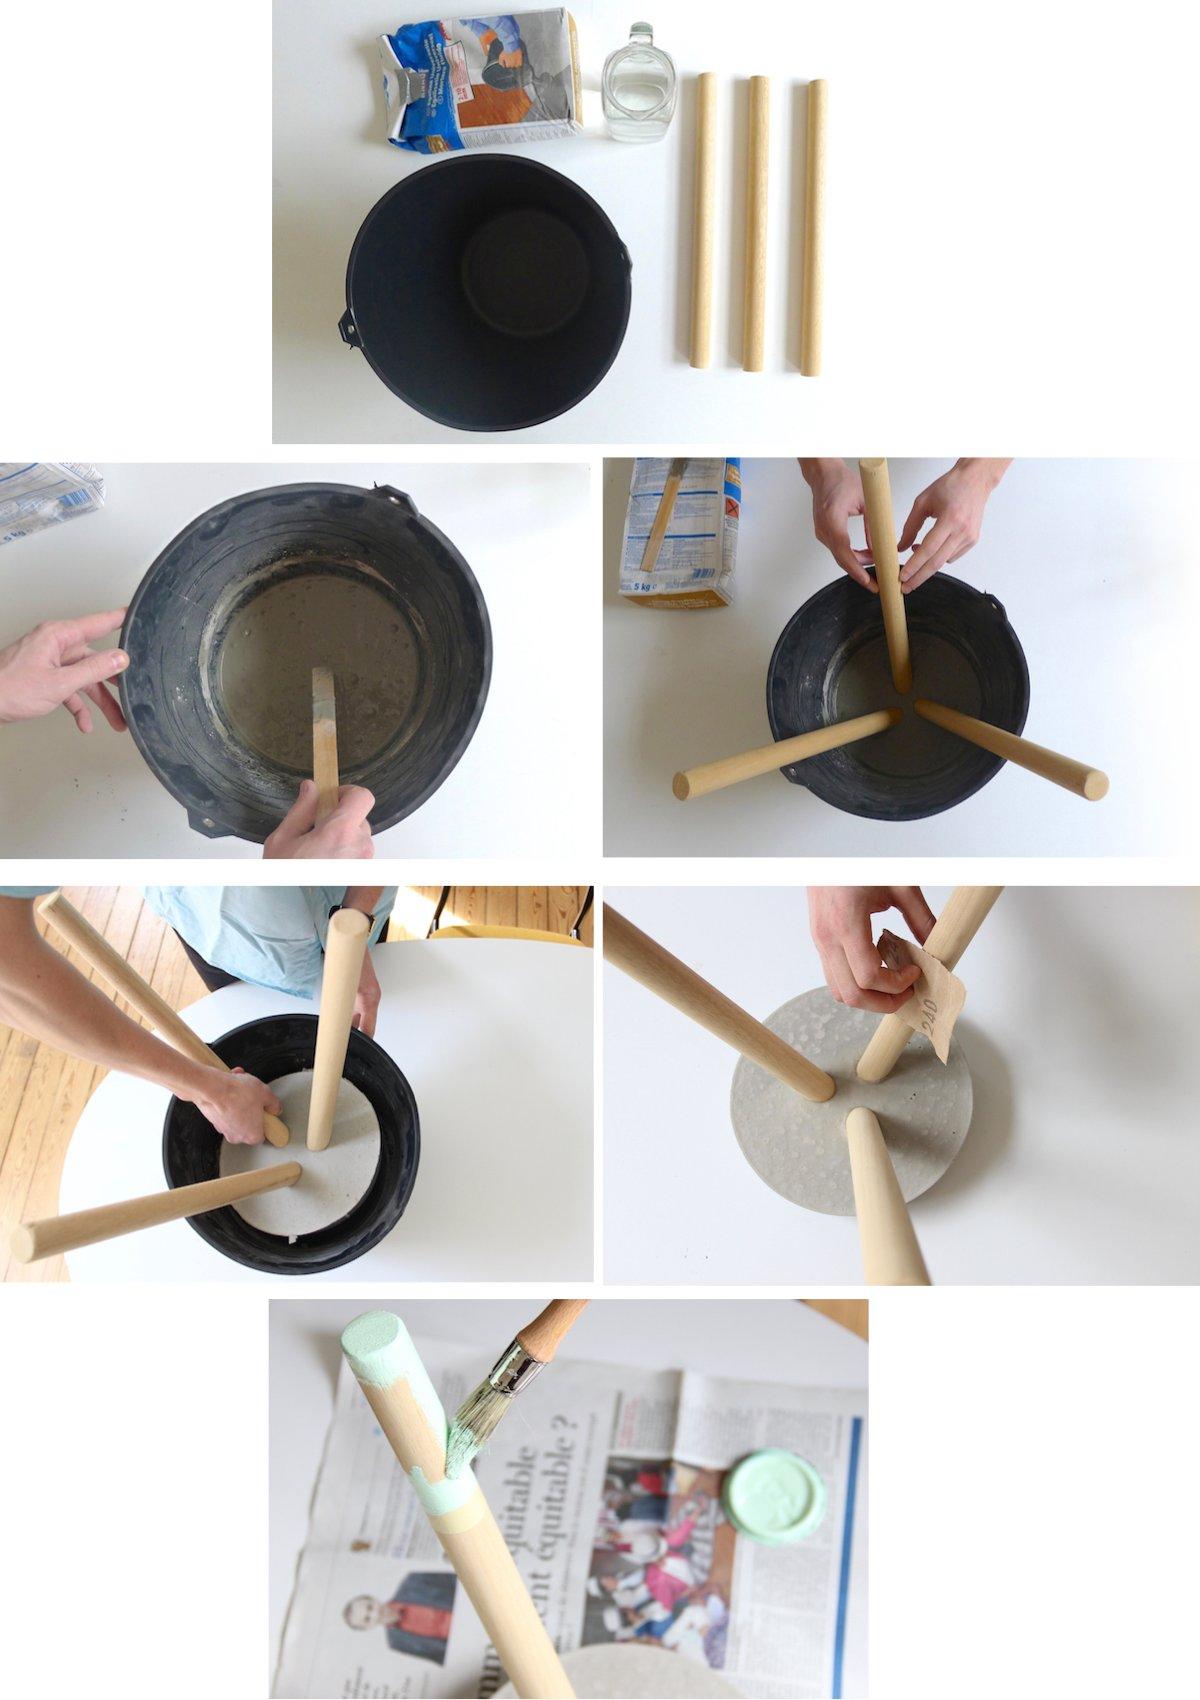 tabouret en béton diy bricolage étape facile accessible peinture bois - blog déco - clem around the corner